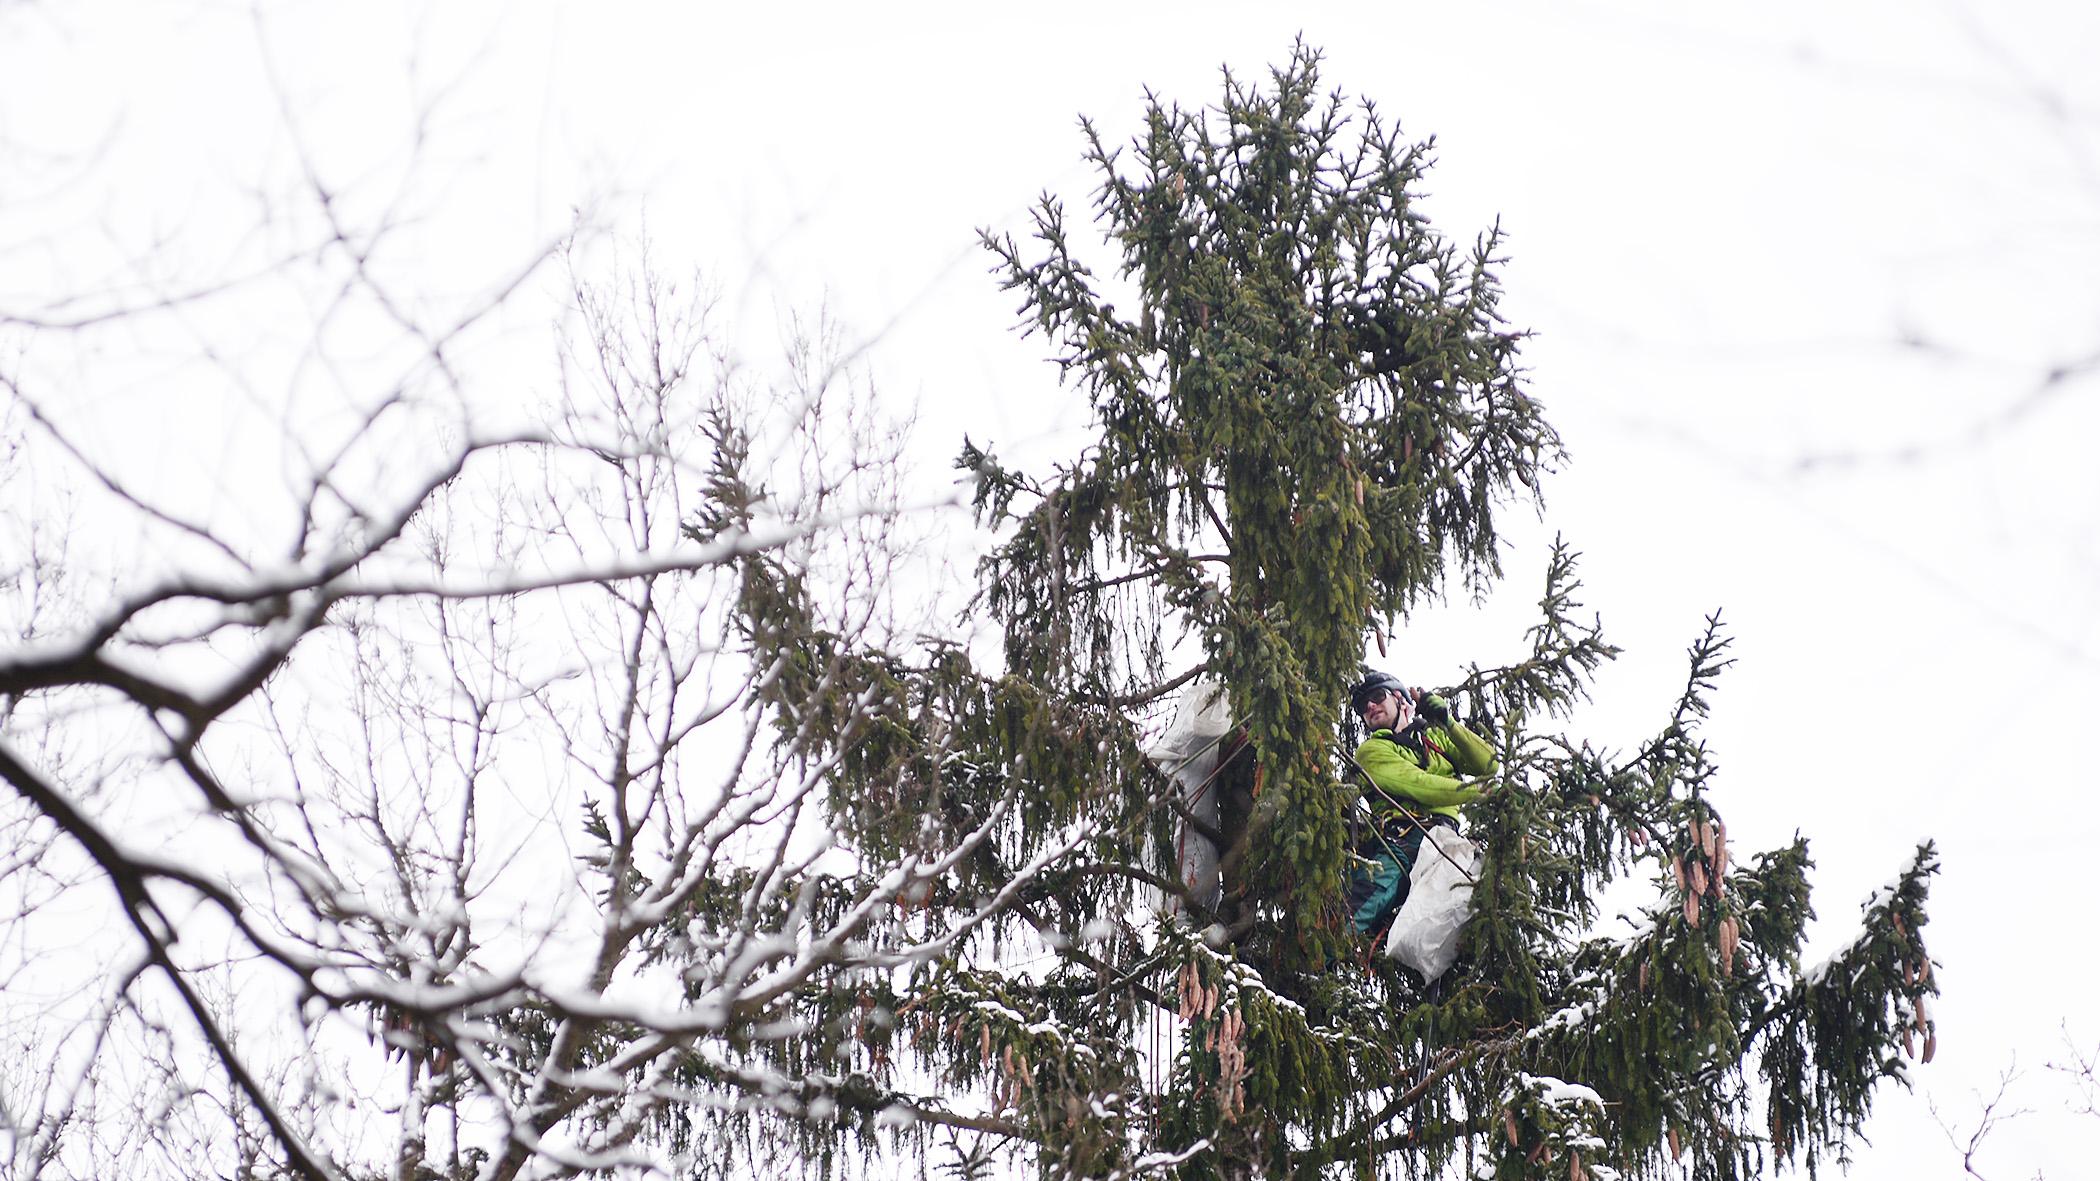 Lezec Martin Foltánek sbírá šišky na samém vrcholku 20metrového smrku